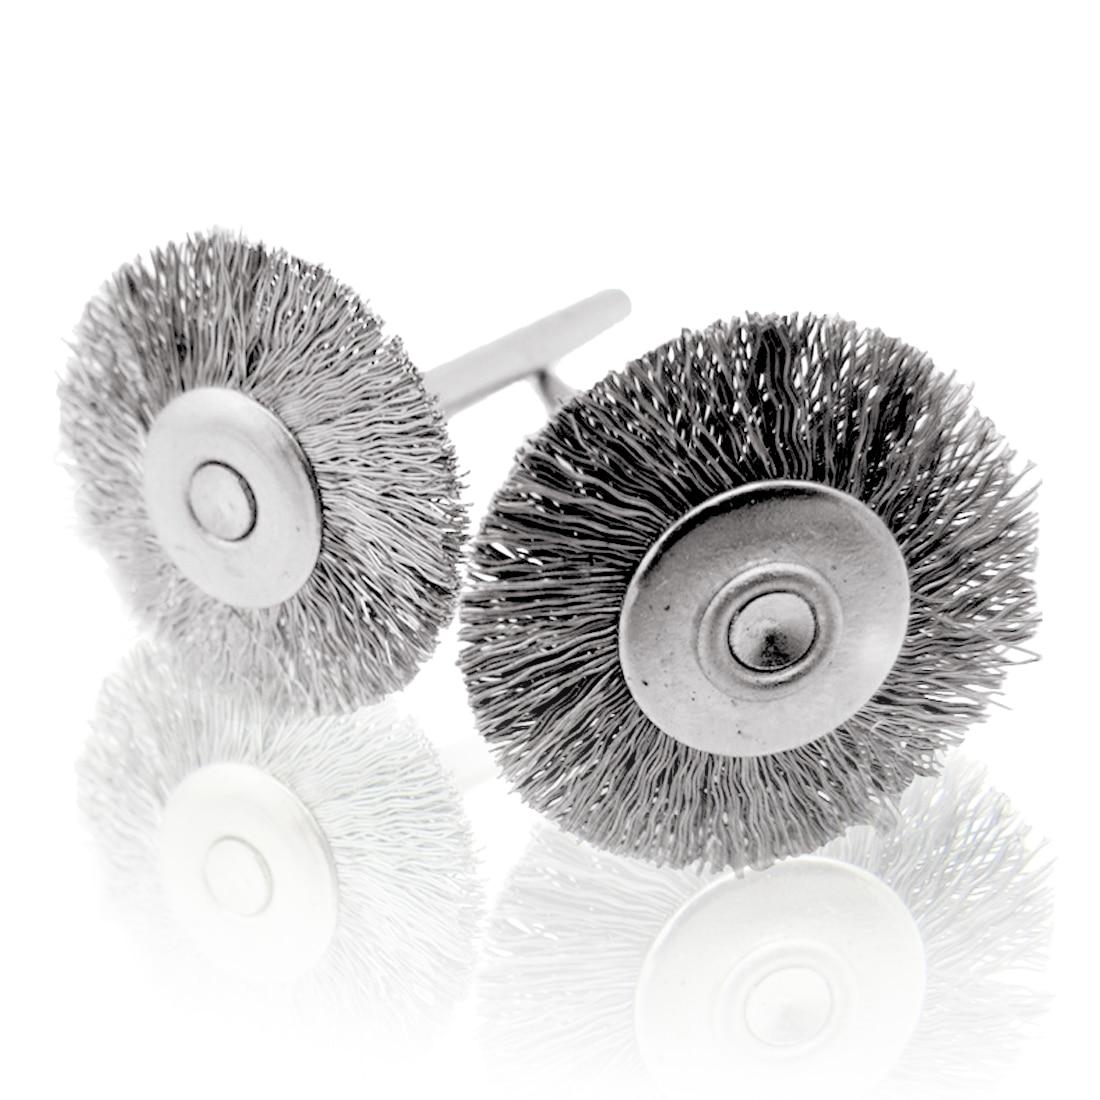 Accessori Dremel 16 pezzi set di spazzole per ruote in filo di - Utensili abrasivi - Fotografia 3